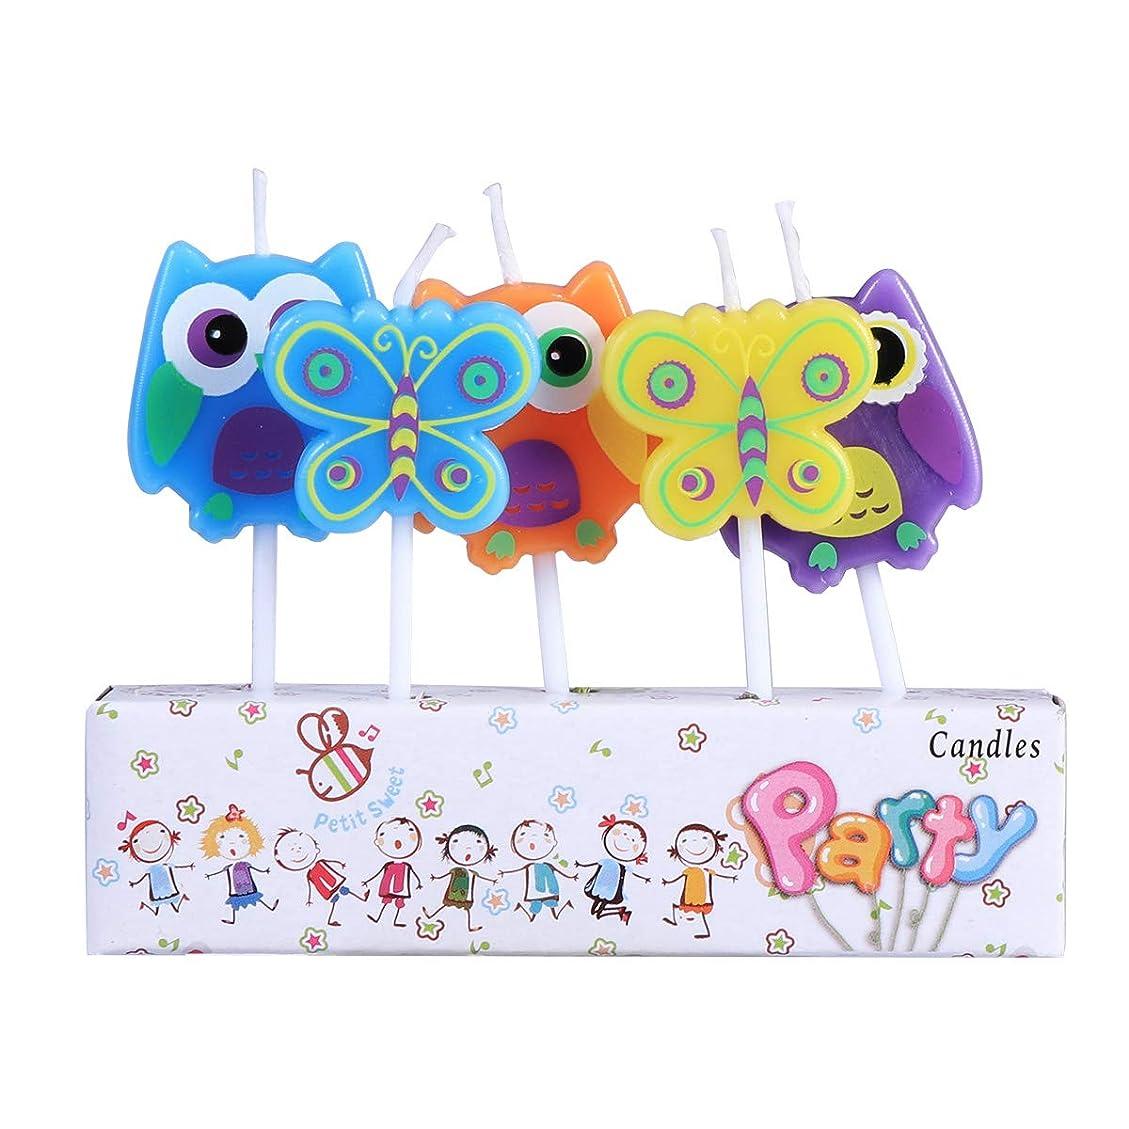 BESTOYARD 子供の誕生日の装飾のための5本の動物の誕生日ケーキのろうそく(フクロウ蝶形)